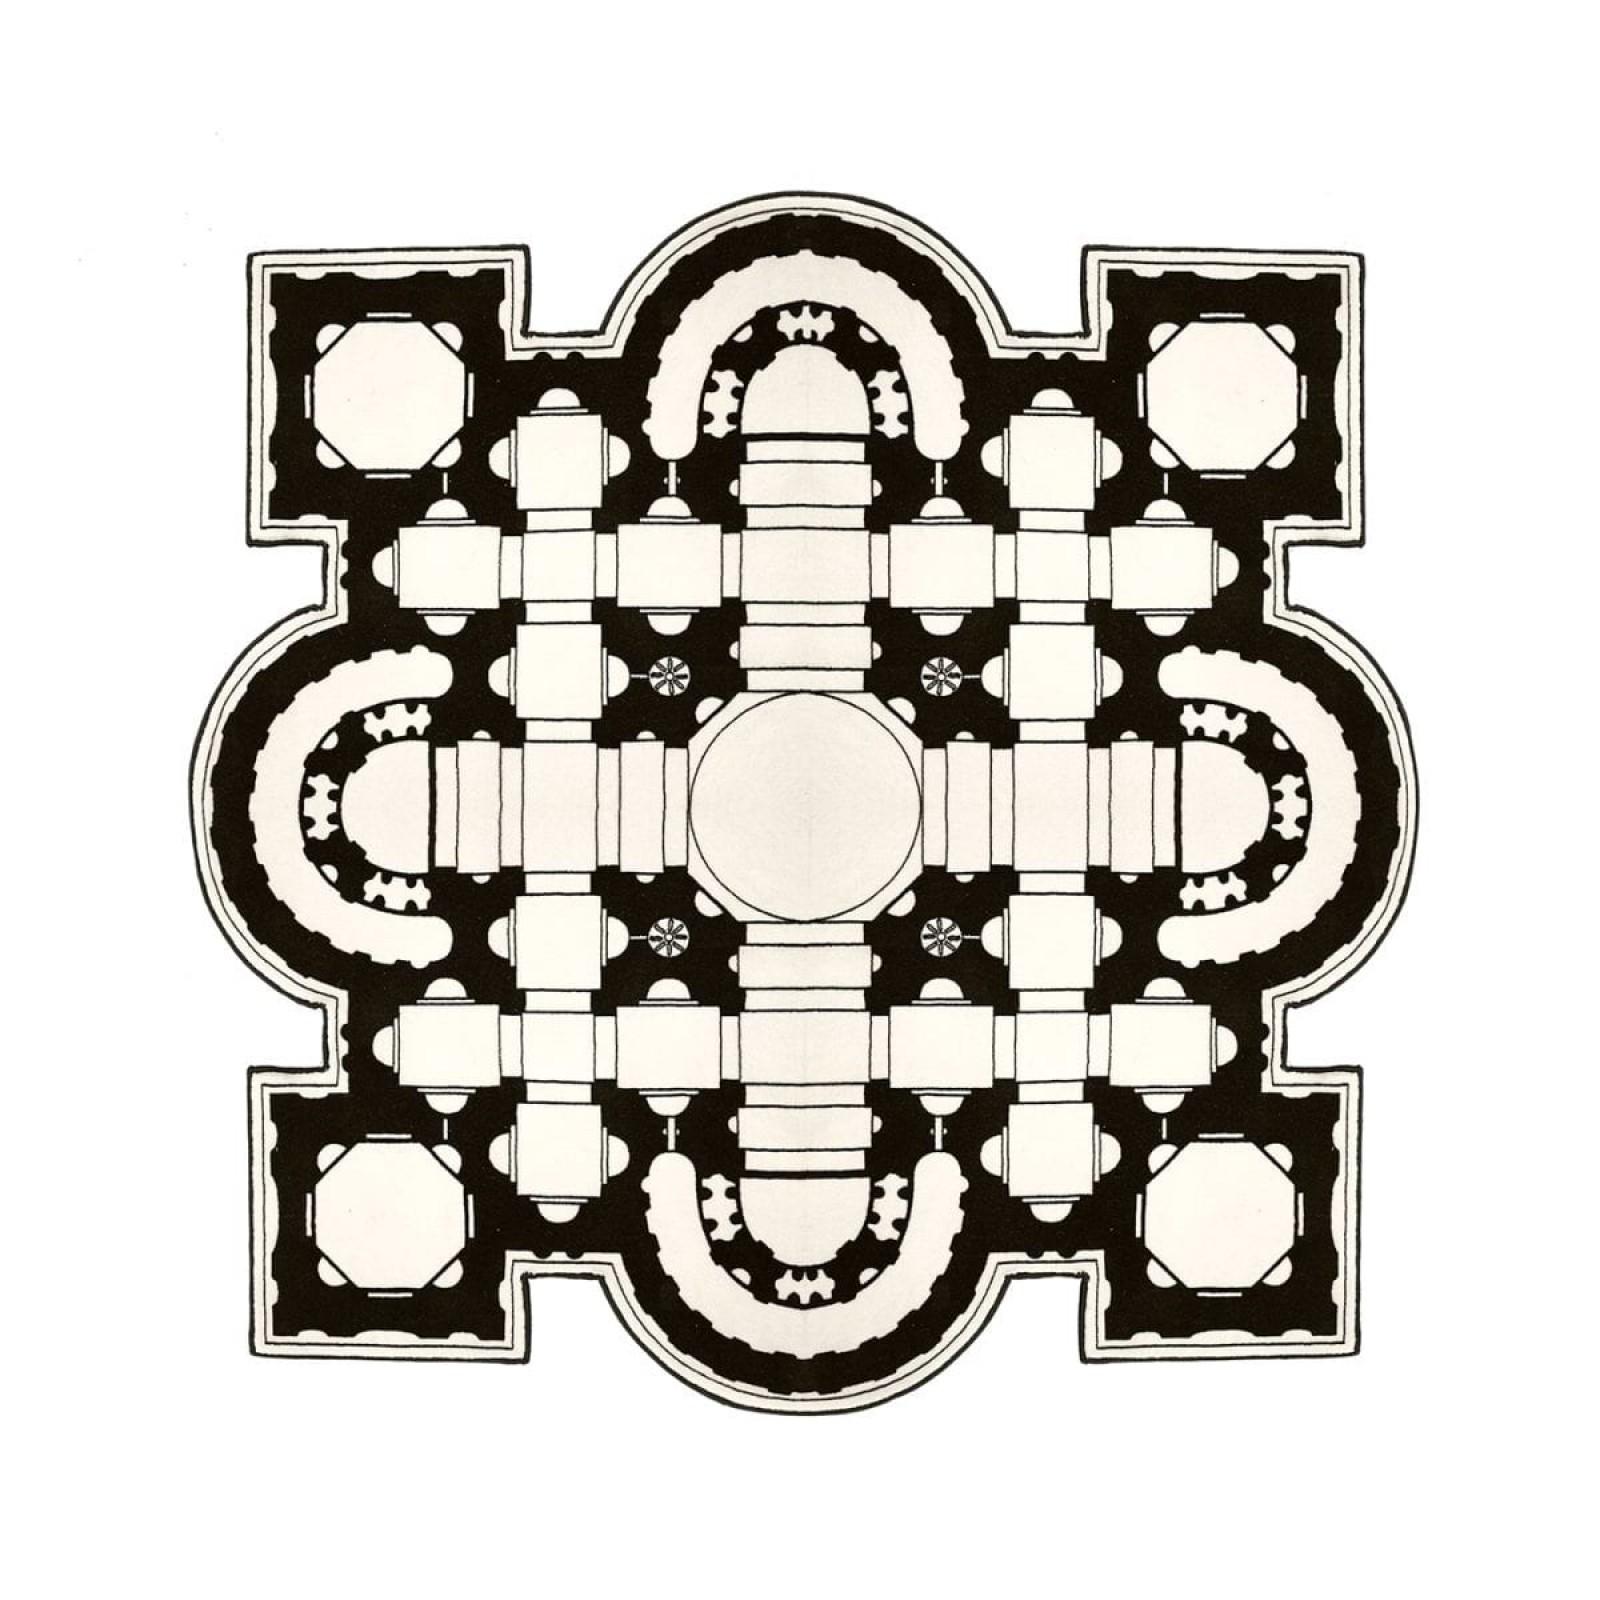 Pietro Square Rug - Mogg